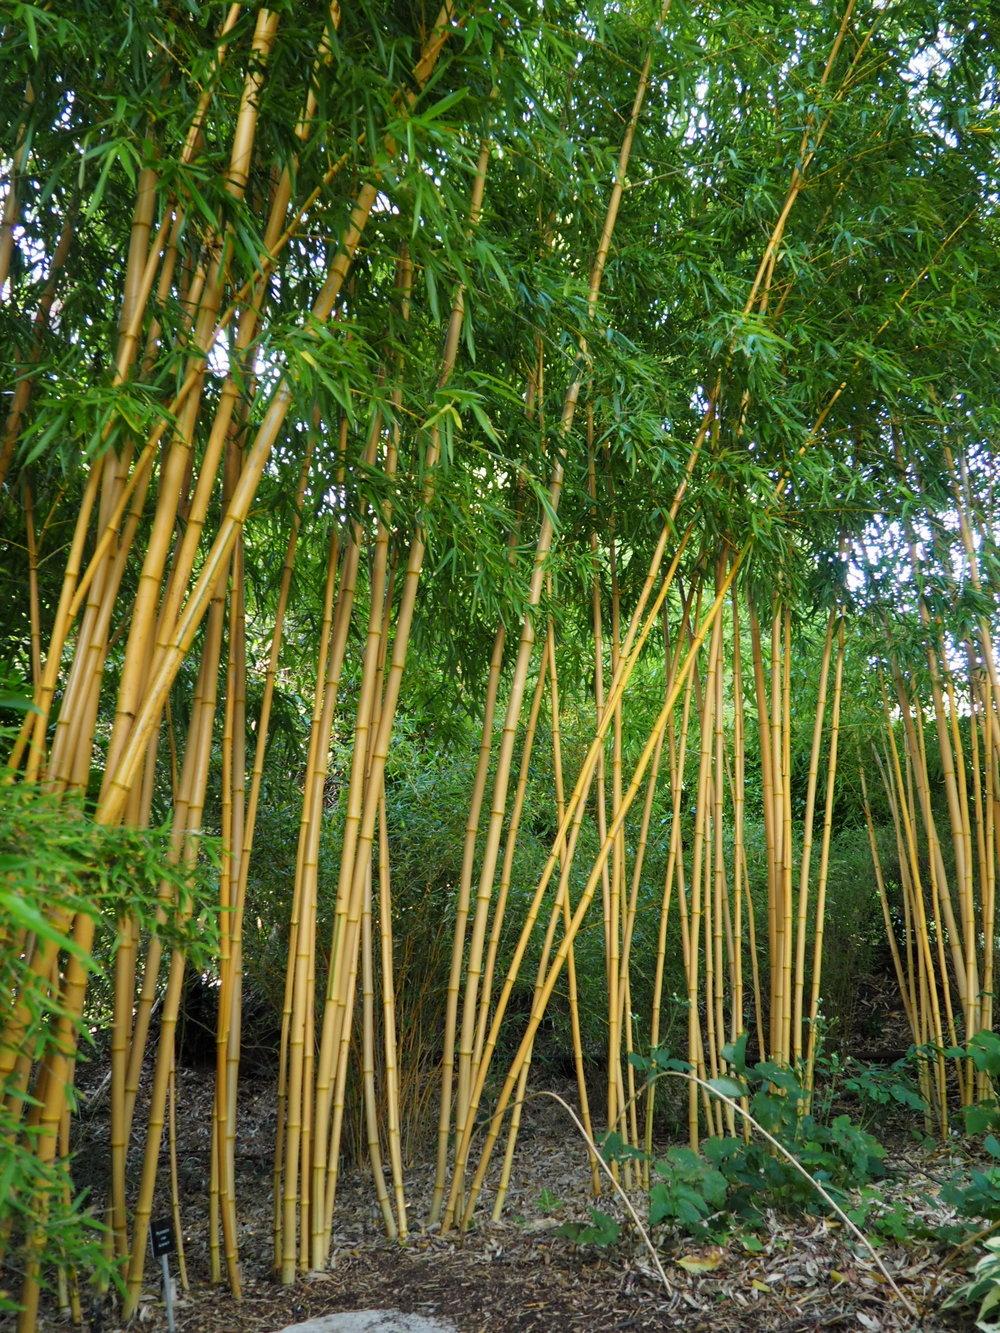 Bamboo garden, Compton Acres